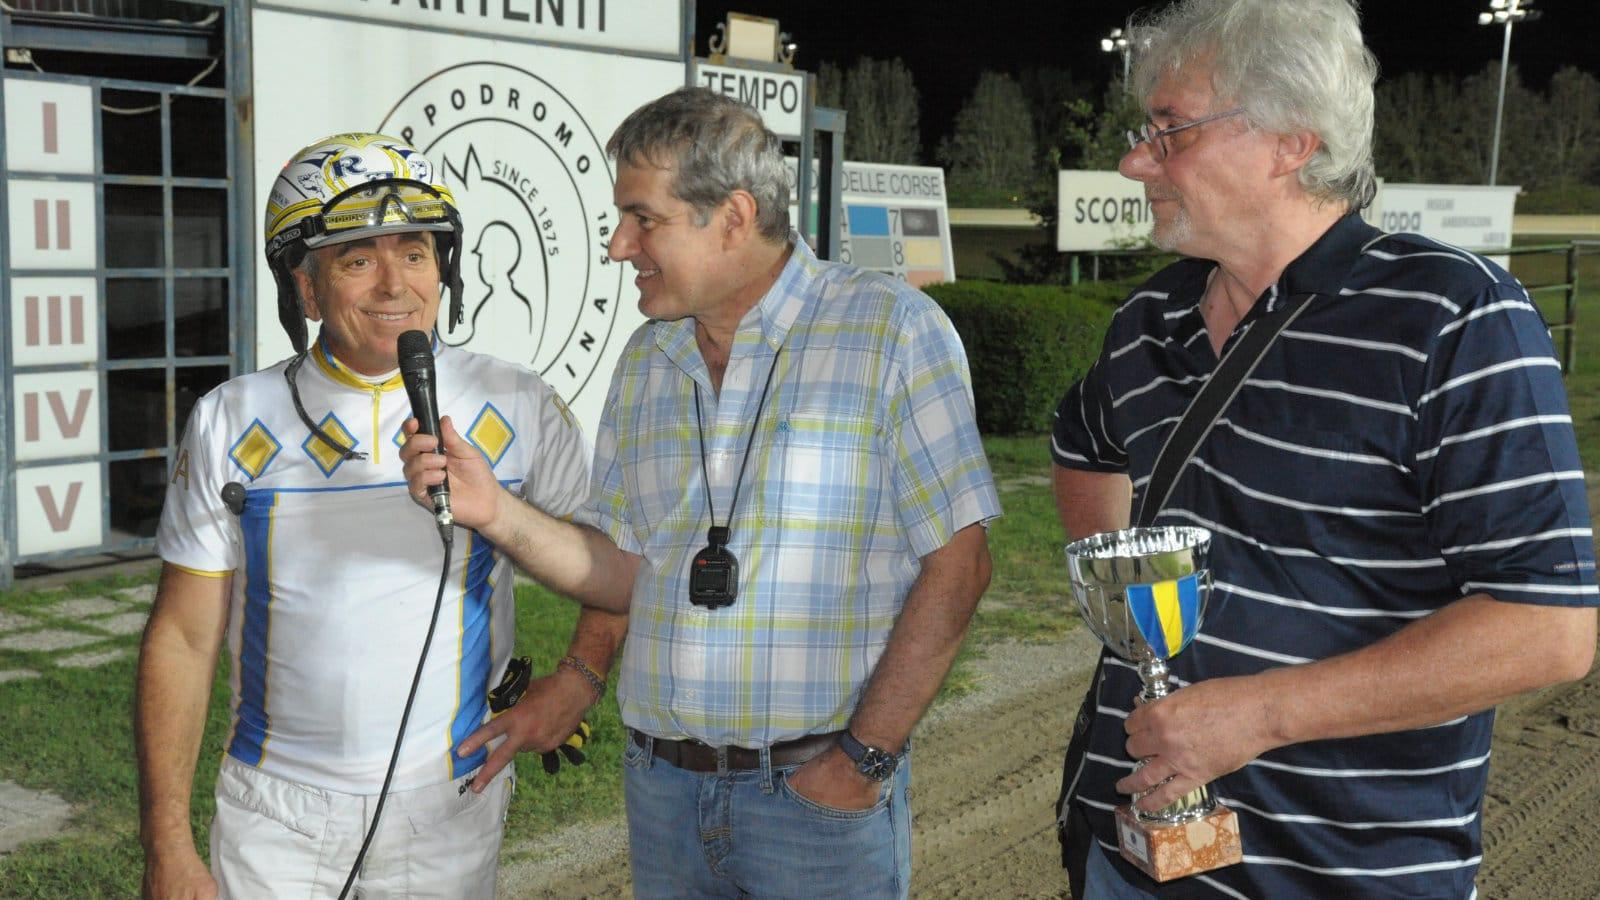 2019-08-07-corsa-6-03